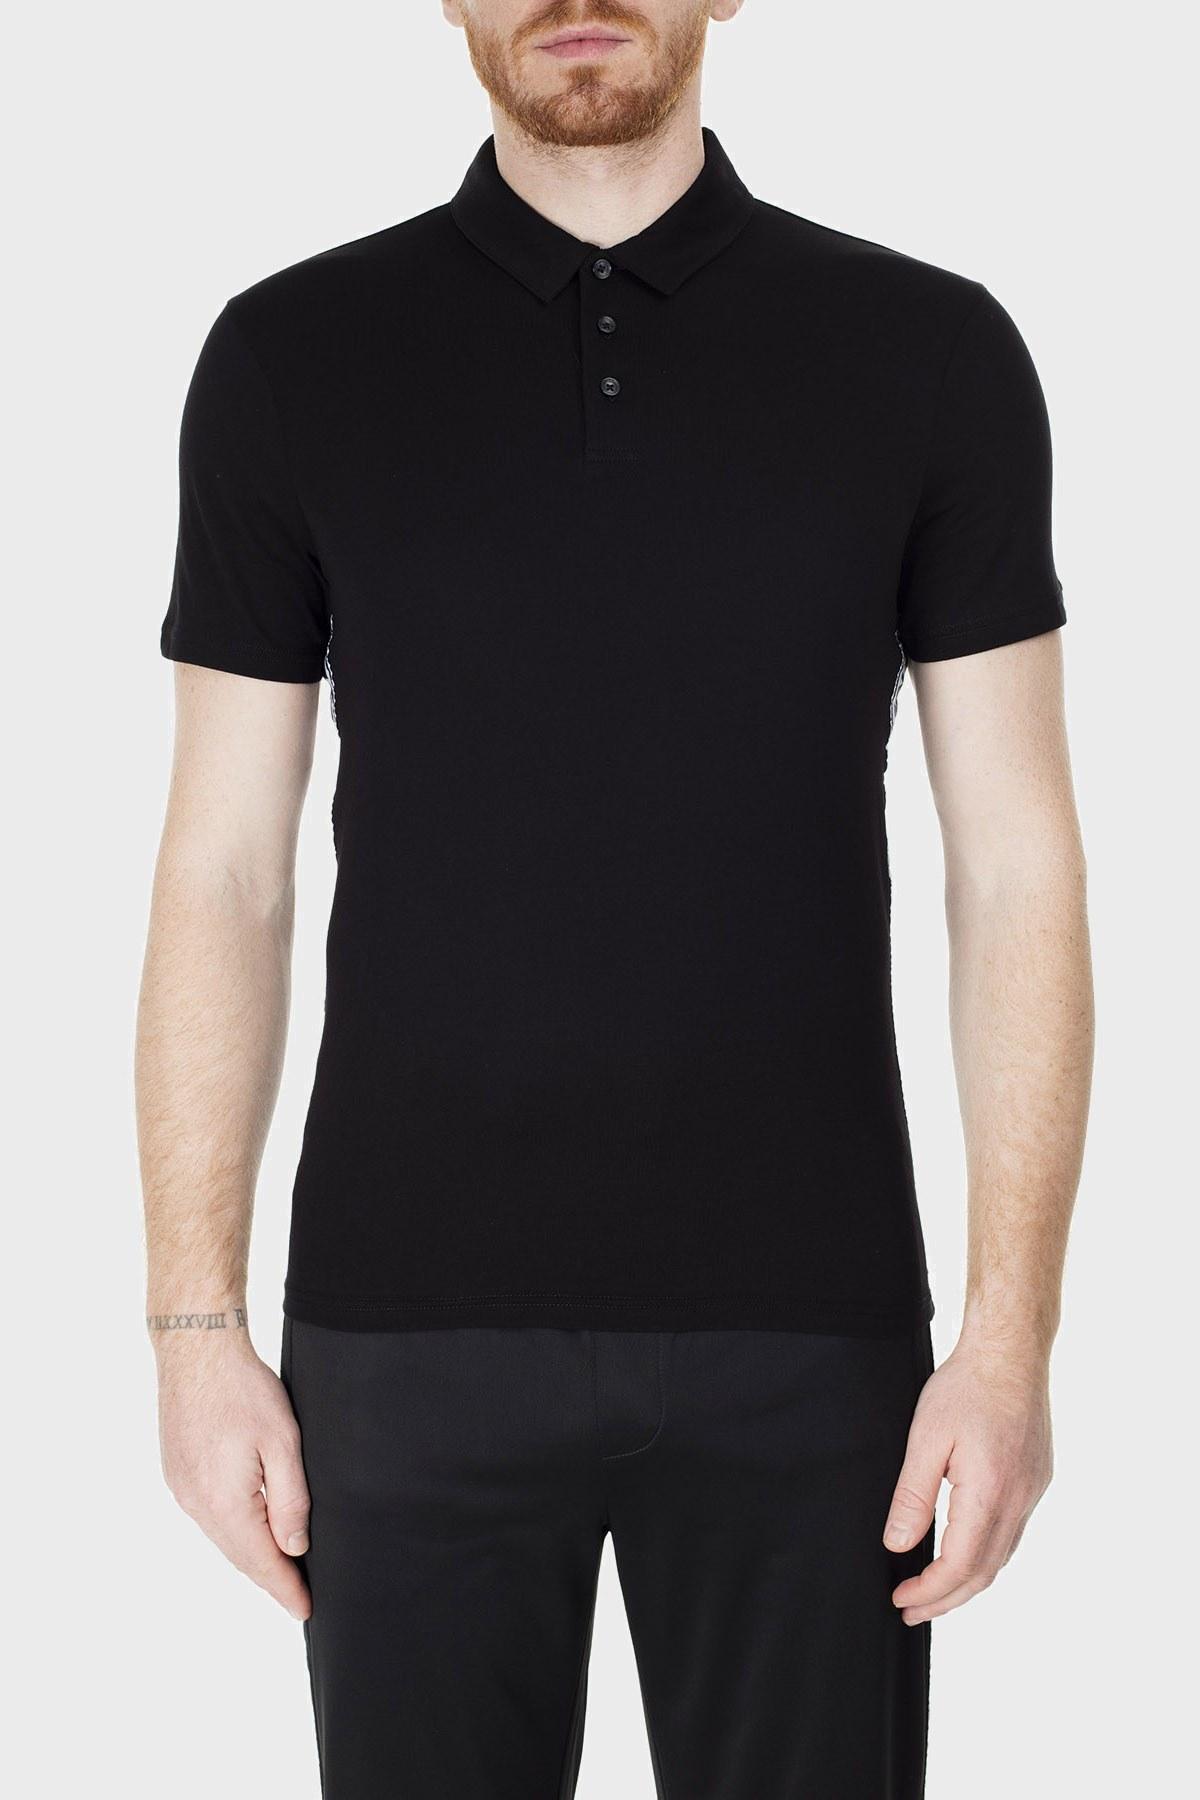 Armani Exchange T Shirt Erkek Polo 3HZFFM ZJBVZ 1200 SİYAH